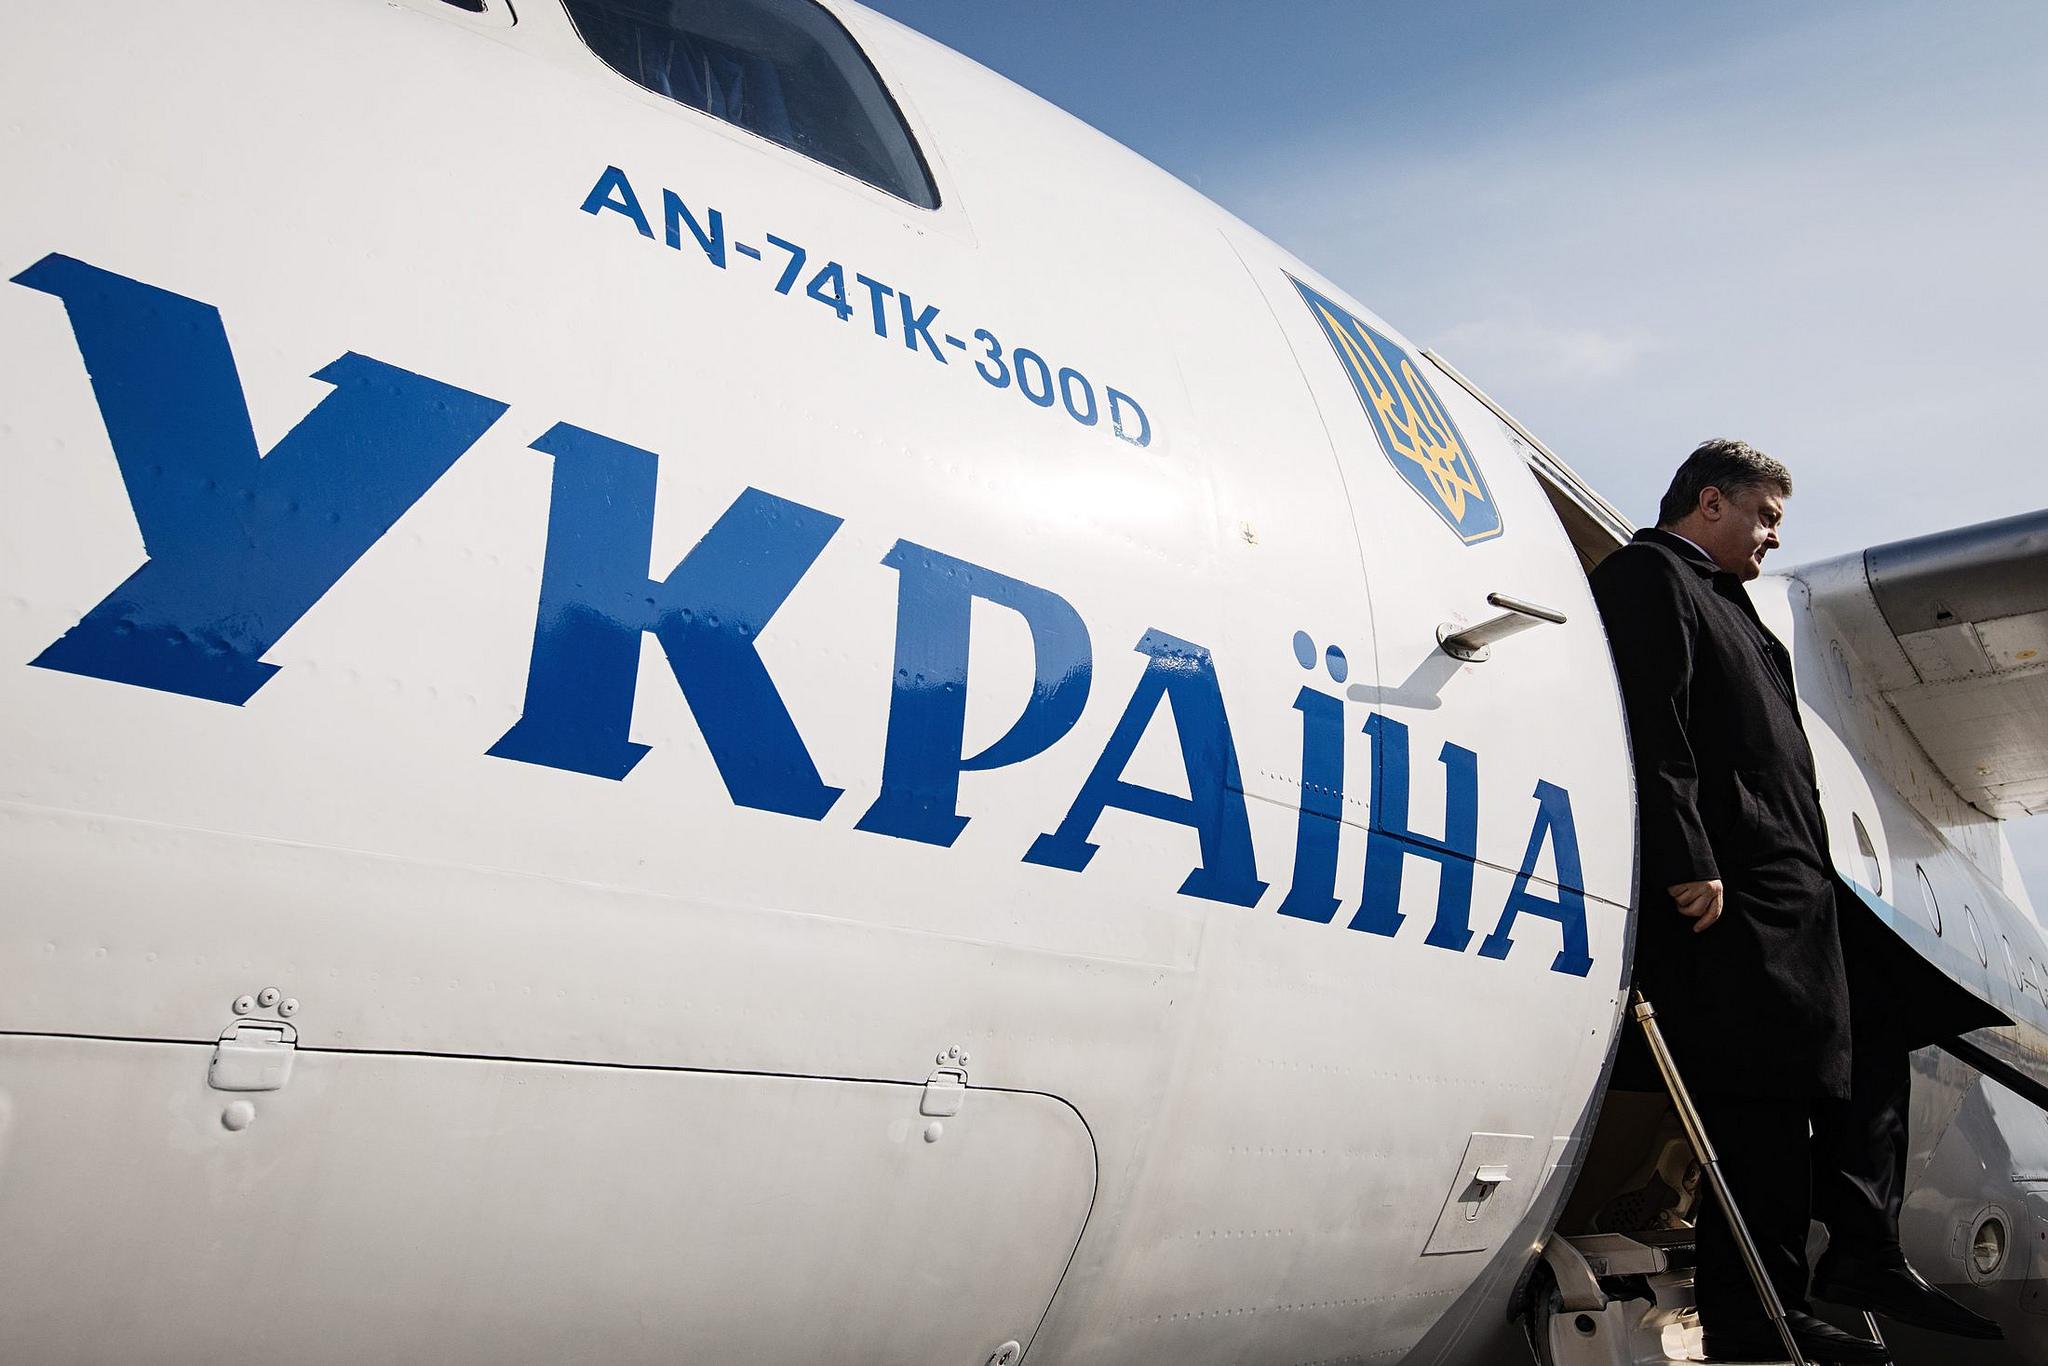 Какие конфликты ждут украинскую политику в 2018 году